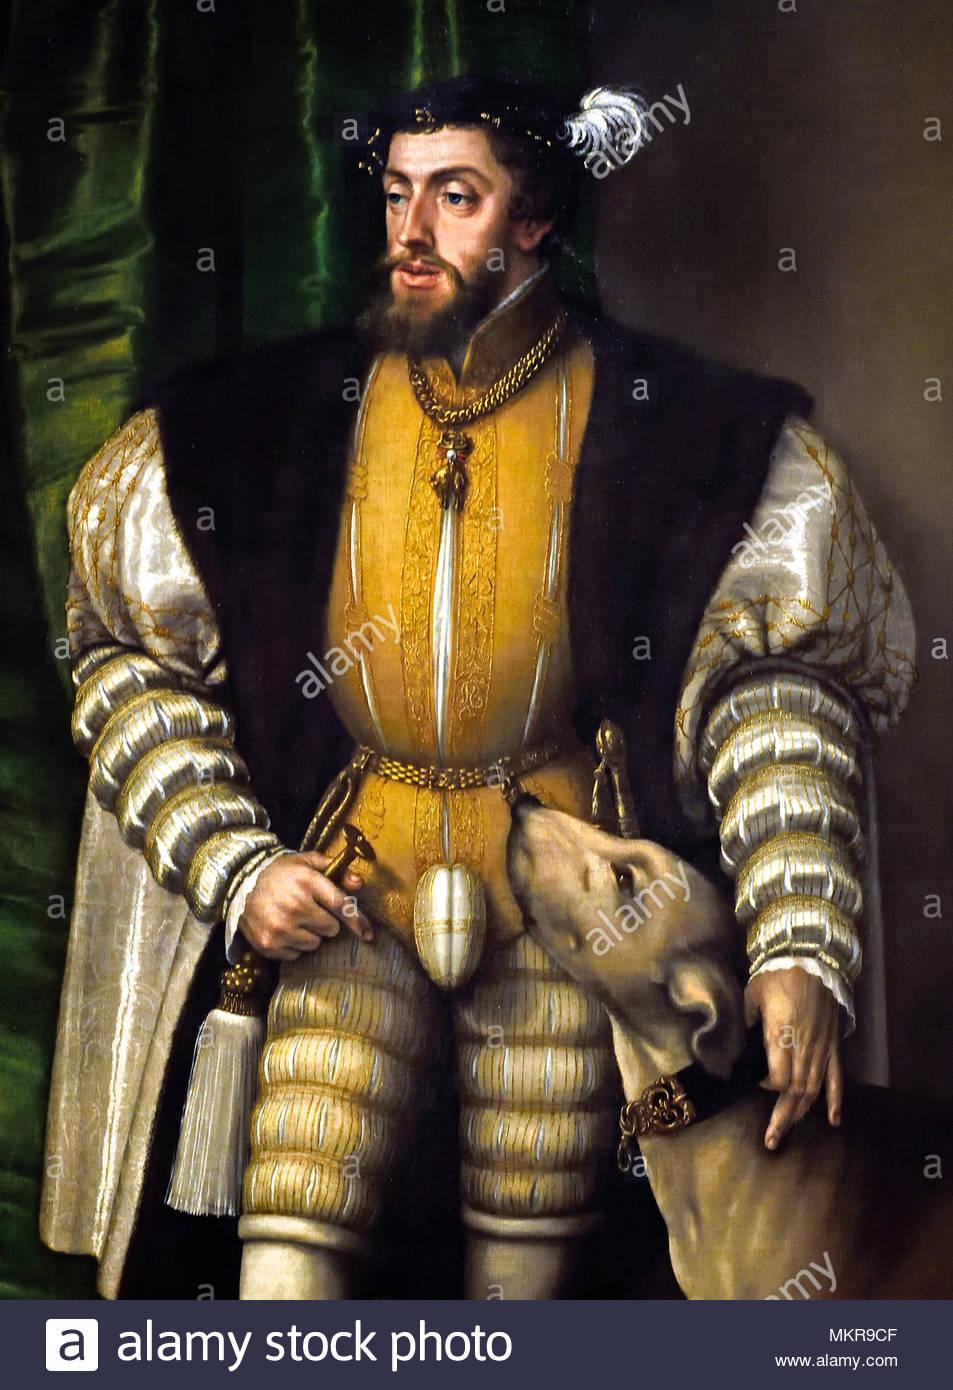 Aachens Krönungsglanz in höchster Dimension: Vor exakt 500 Jahren wird Karl V. im Dom gekrönt